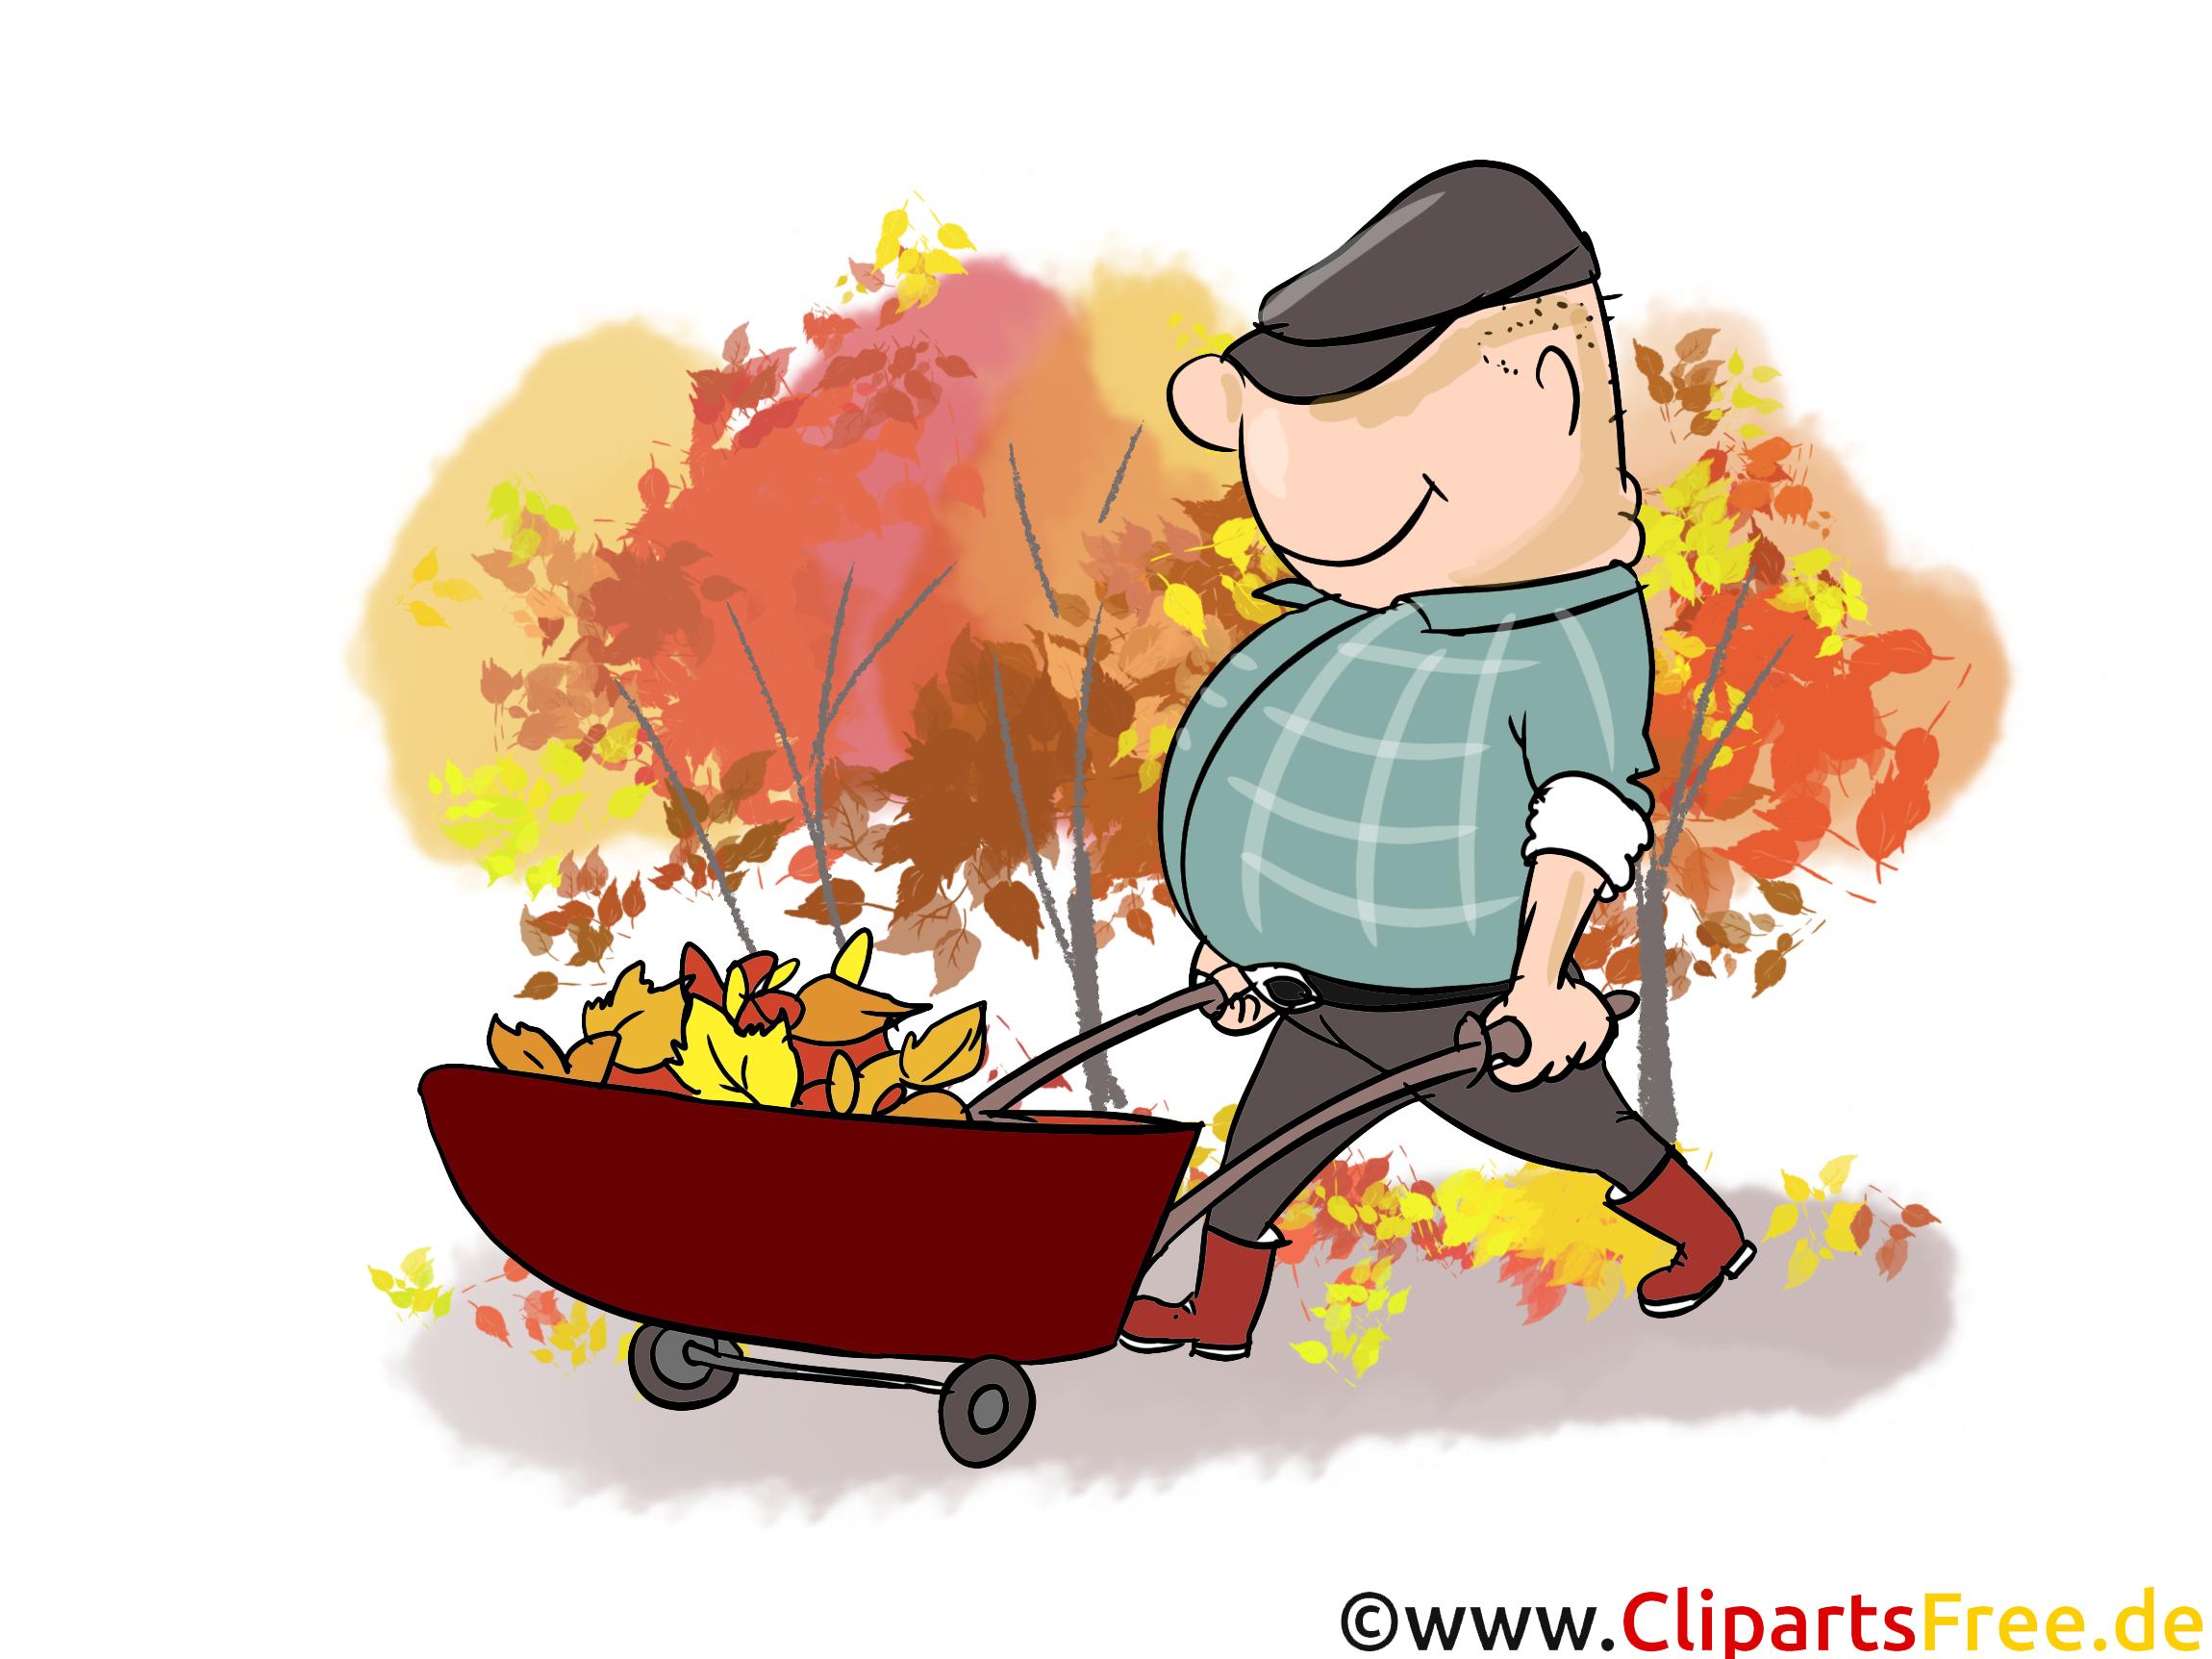 Cartoon Mann mit Schubkarre - Herbst Cliparts, Bilder, Cartoons, Comics